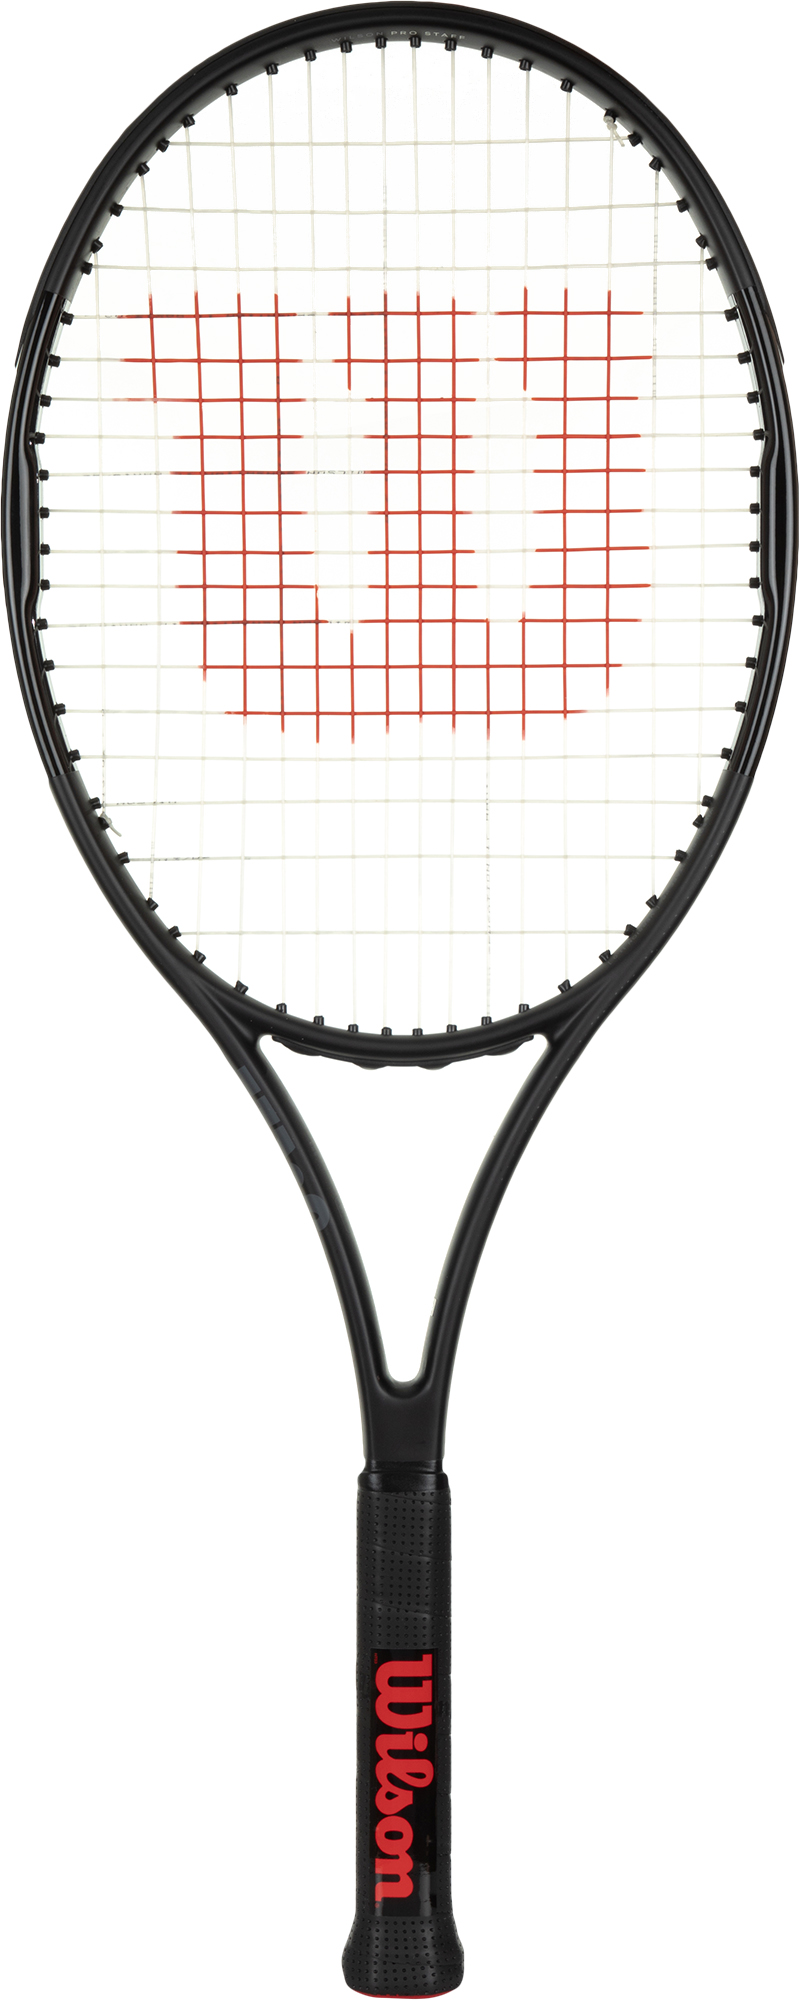 Wilson Ракетка для большого тенниса Wilson PRO STAFF 26, размер Без размера 2018 3 части горячего сбывания большого размера женское нижнее белье яркое украшение диаманта большого размера стринги хлопка женс